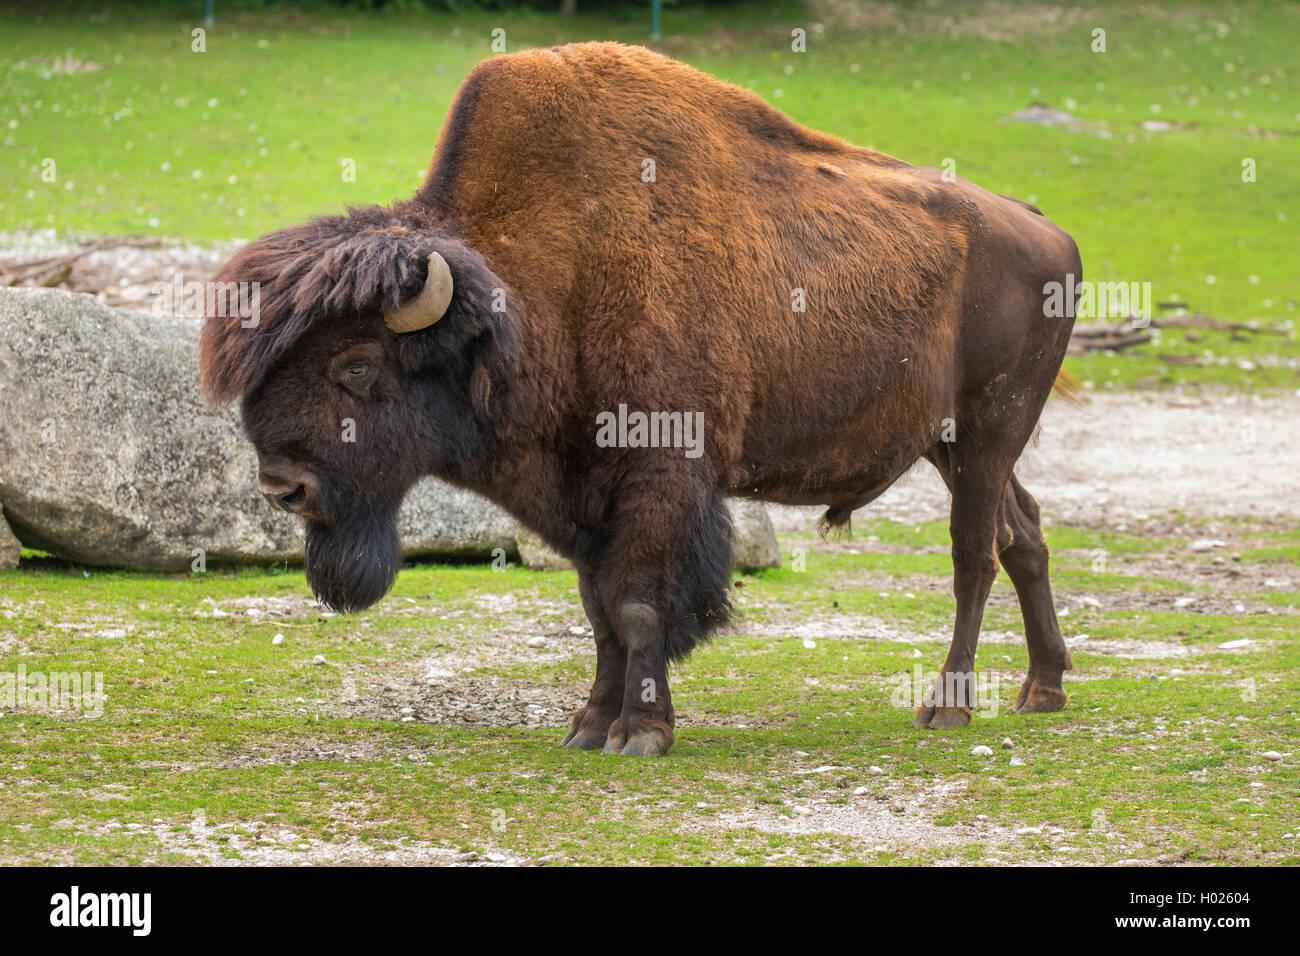 amerikanischer bison waldbison bueffel bison bison athabascae bisonbulle im zoo. Black Bedroom Furniture Sets. Home Design Ideas